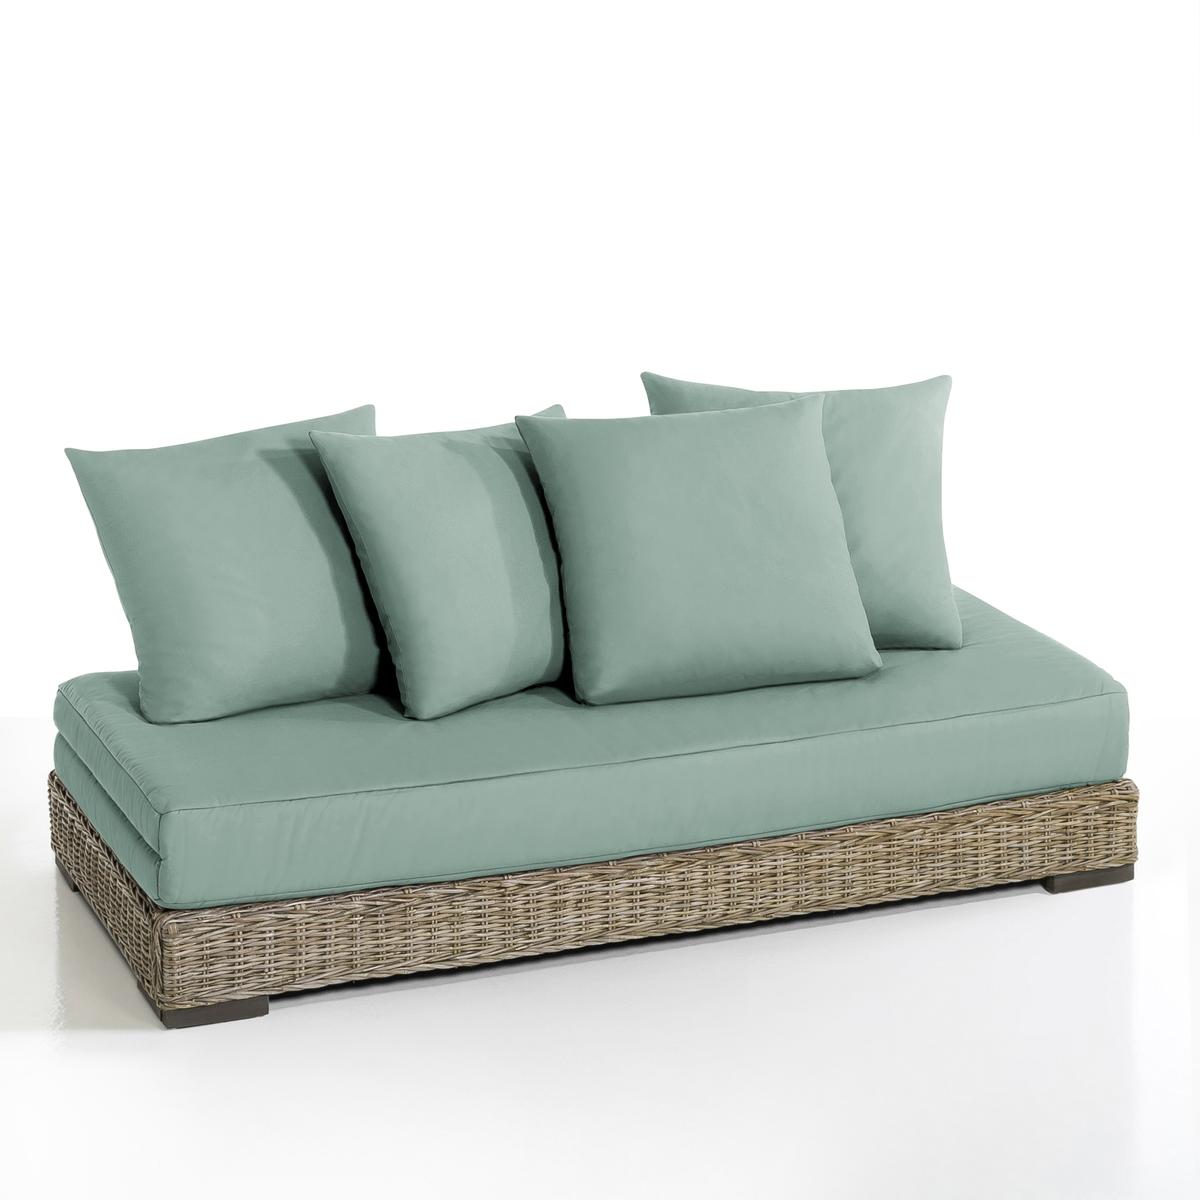 Кровать-банкетка La Redoute С плетением кубу Giada 80 x 190 см бежевый